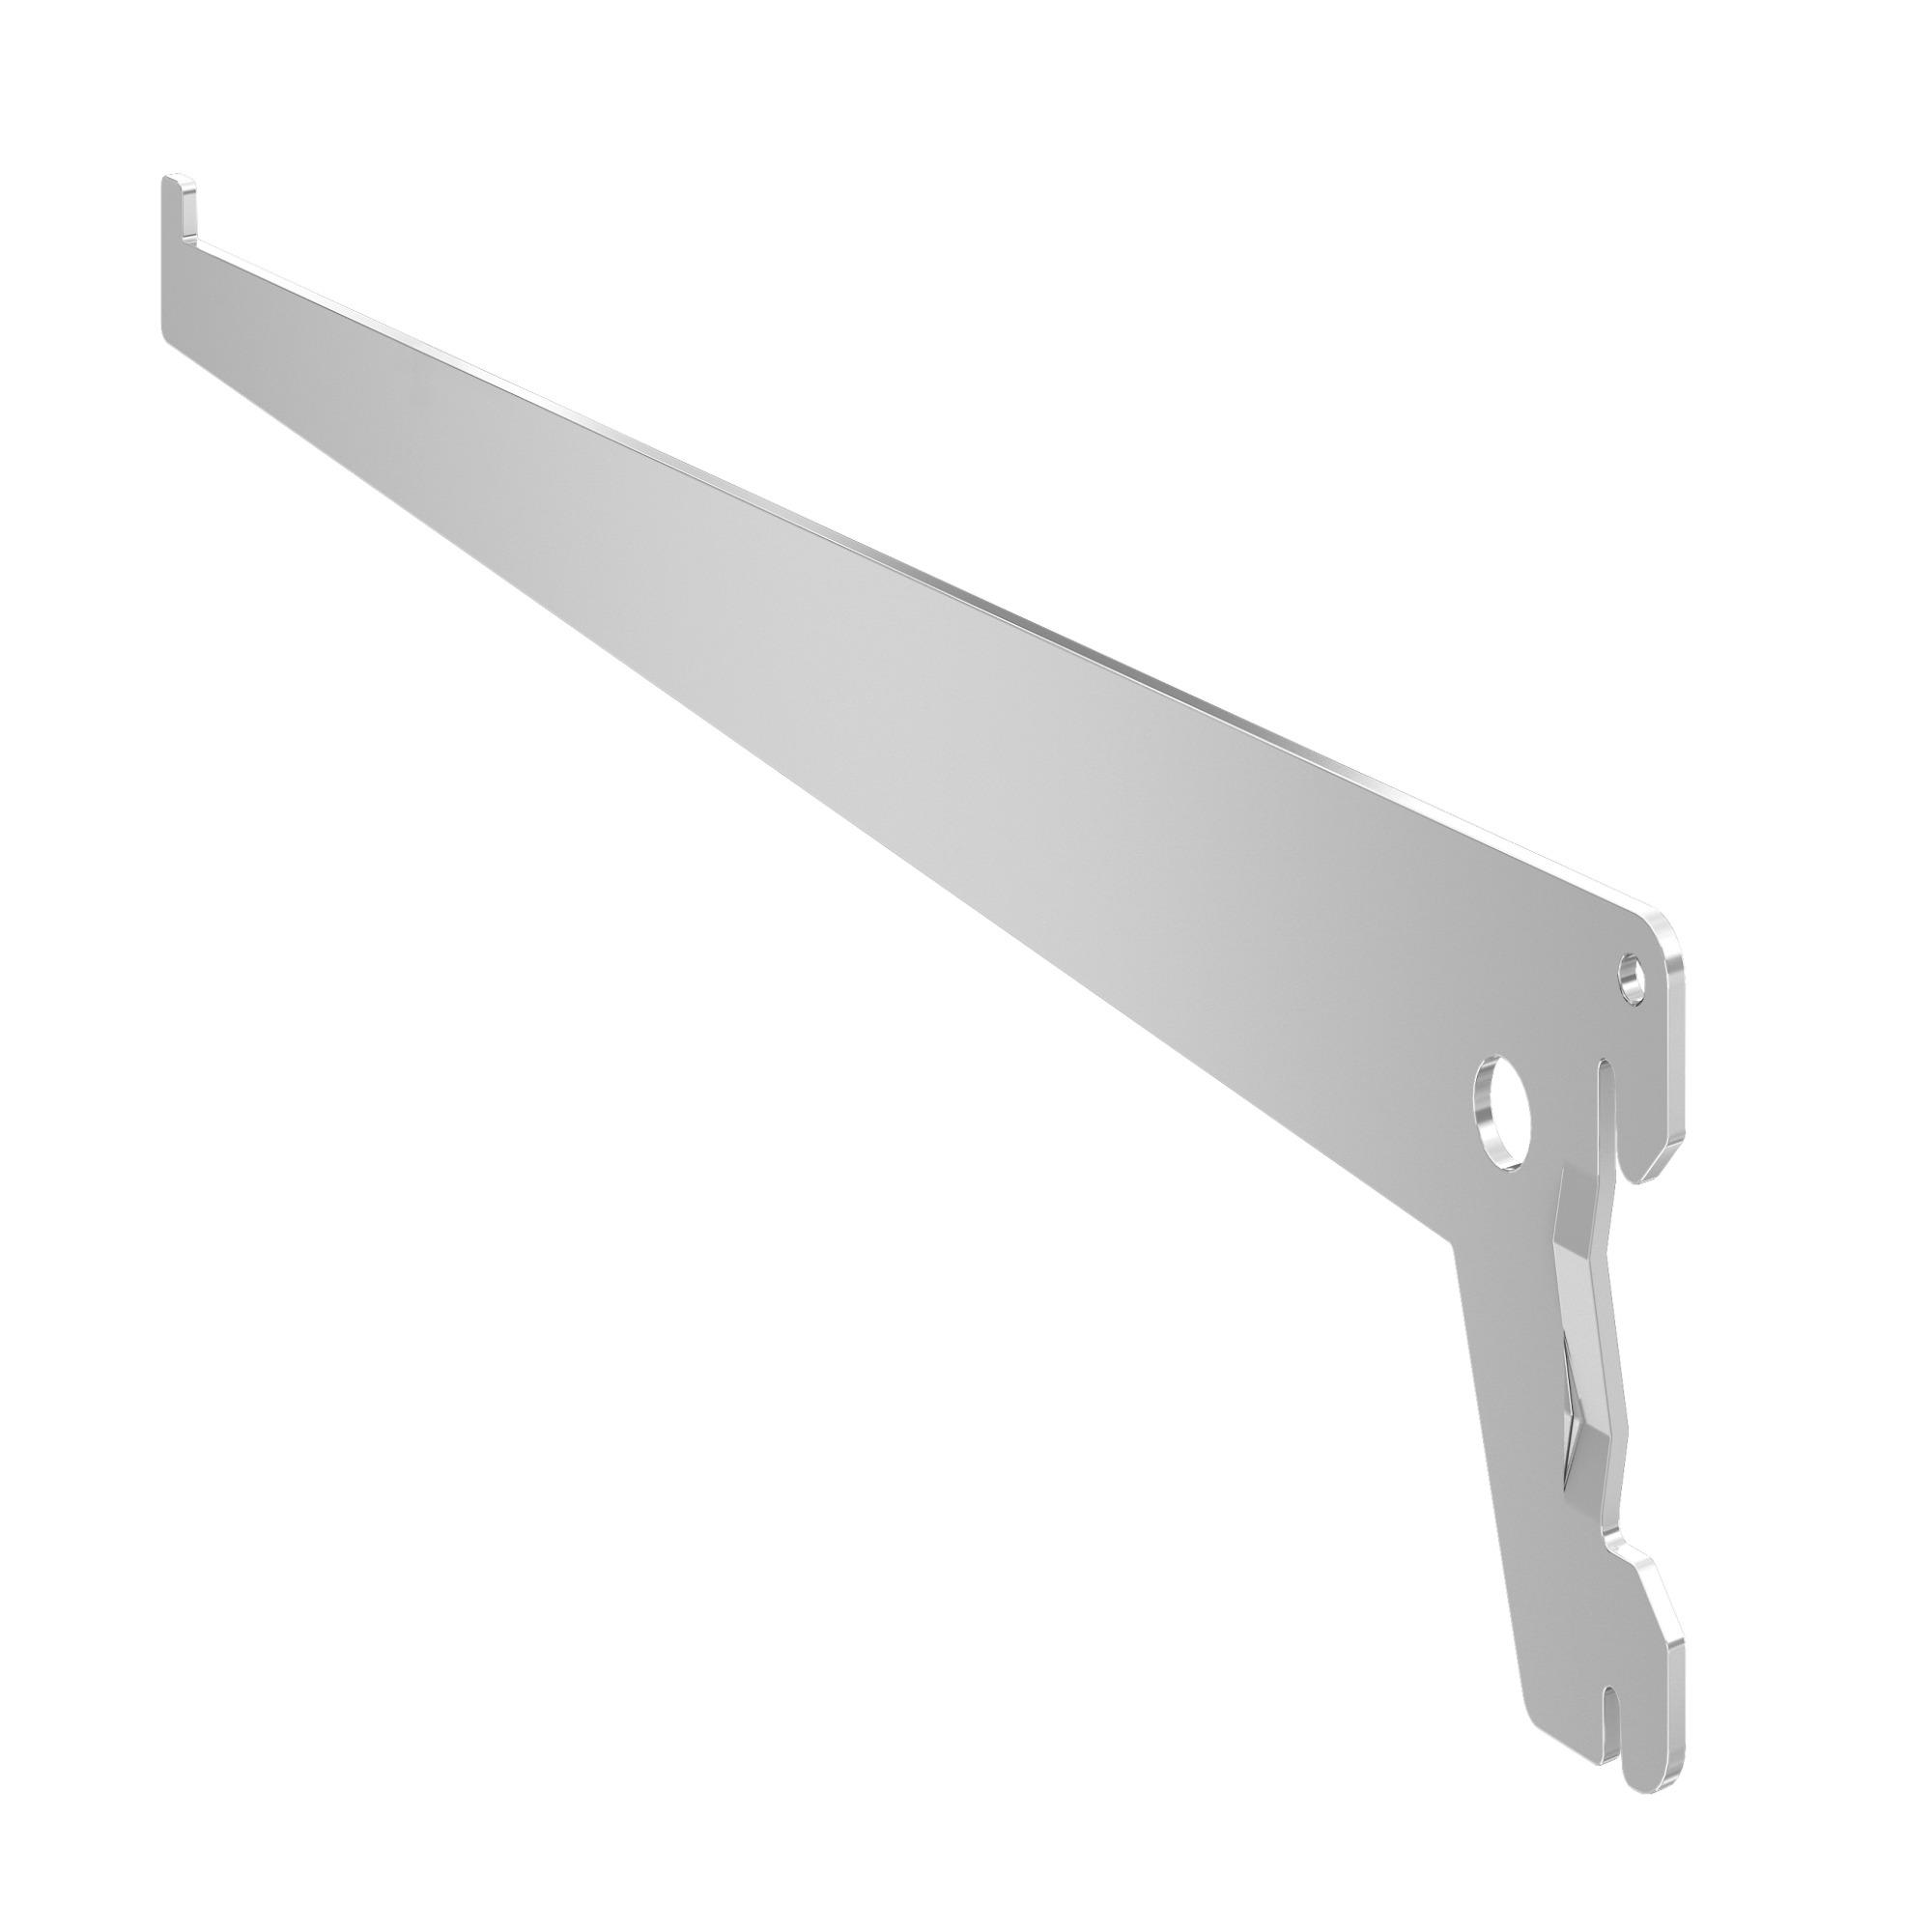 Suporte para Trilho Meia-Cana 30 cm Zincado - Fico